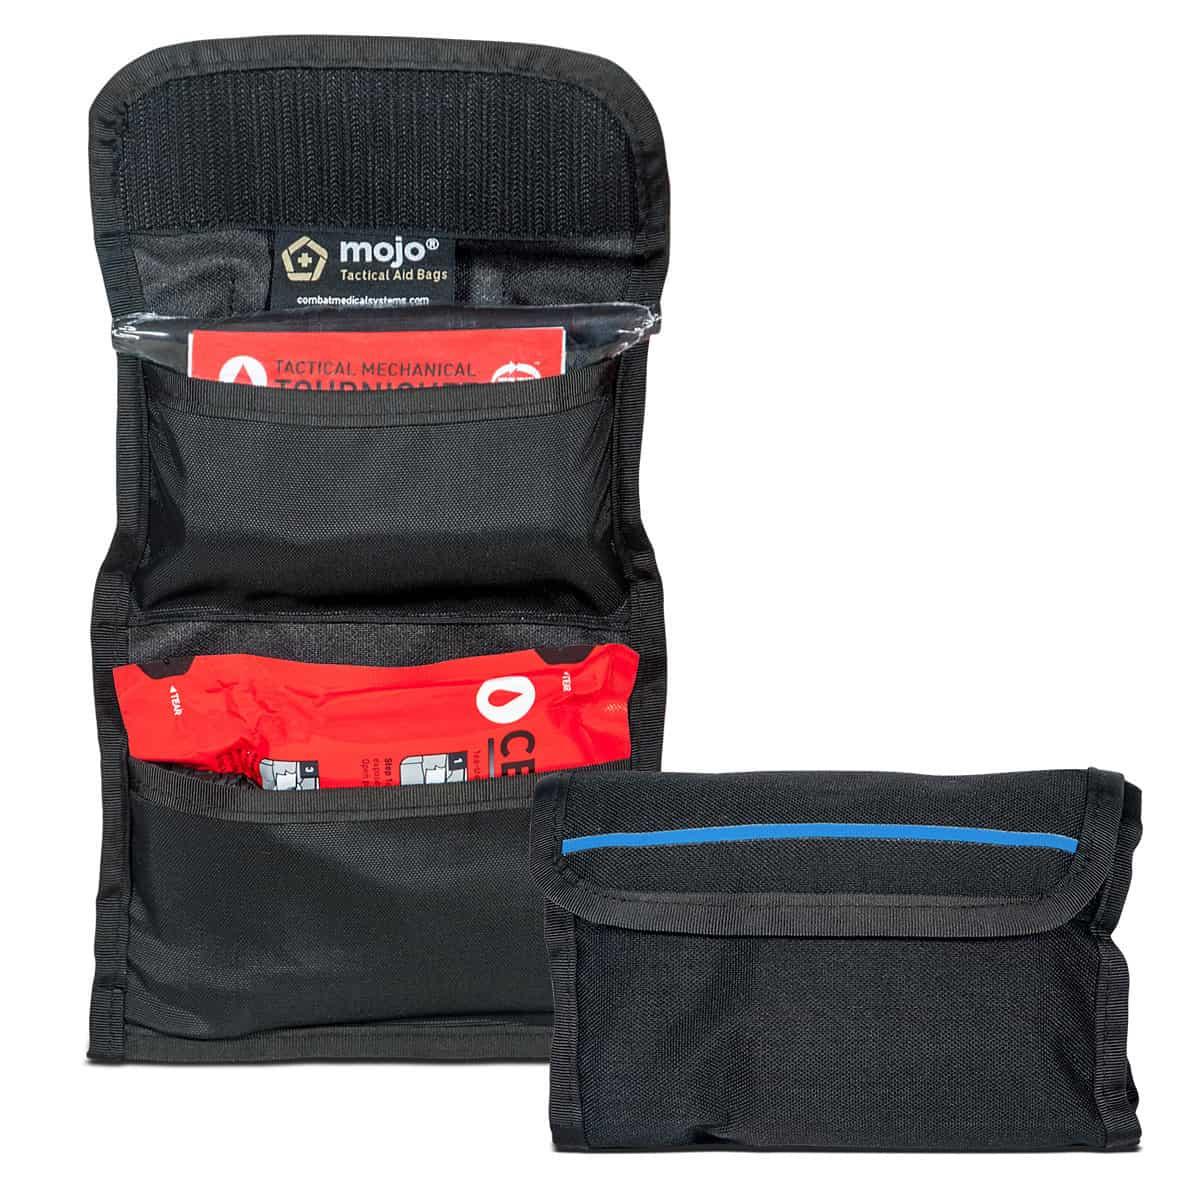 mojo belt bleeder kit wallet